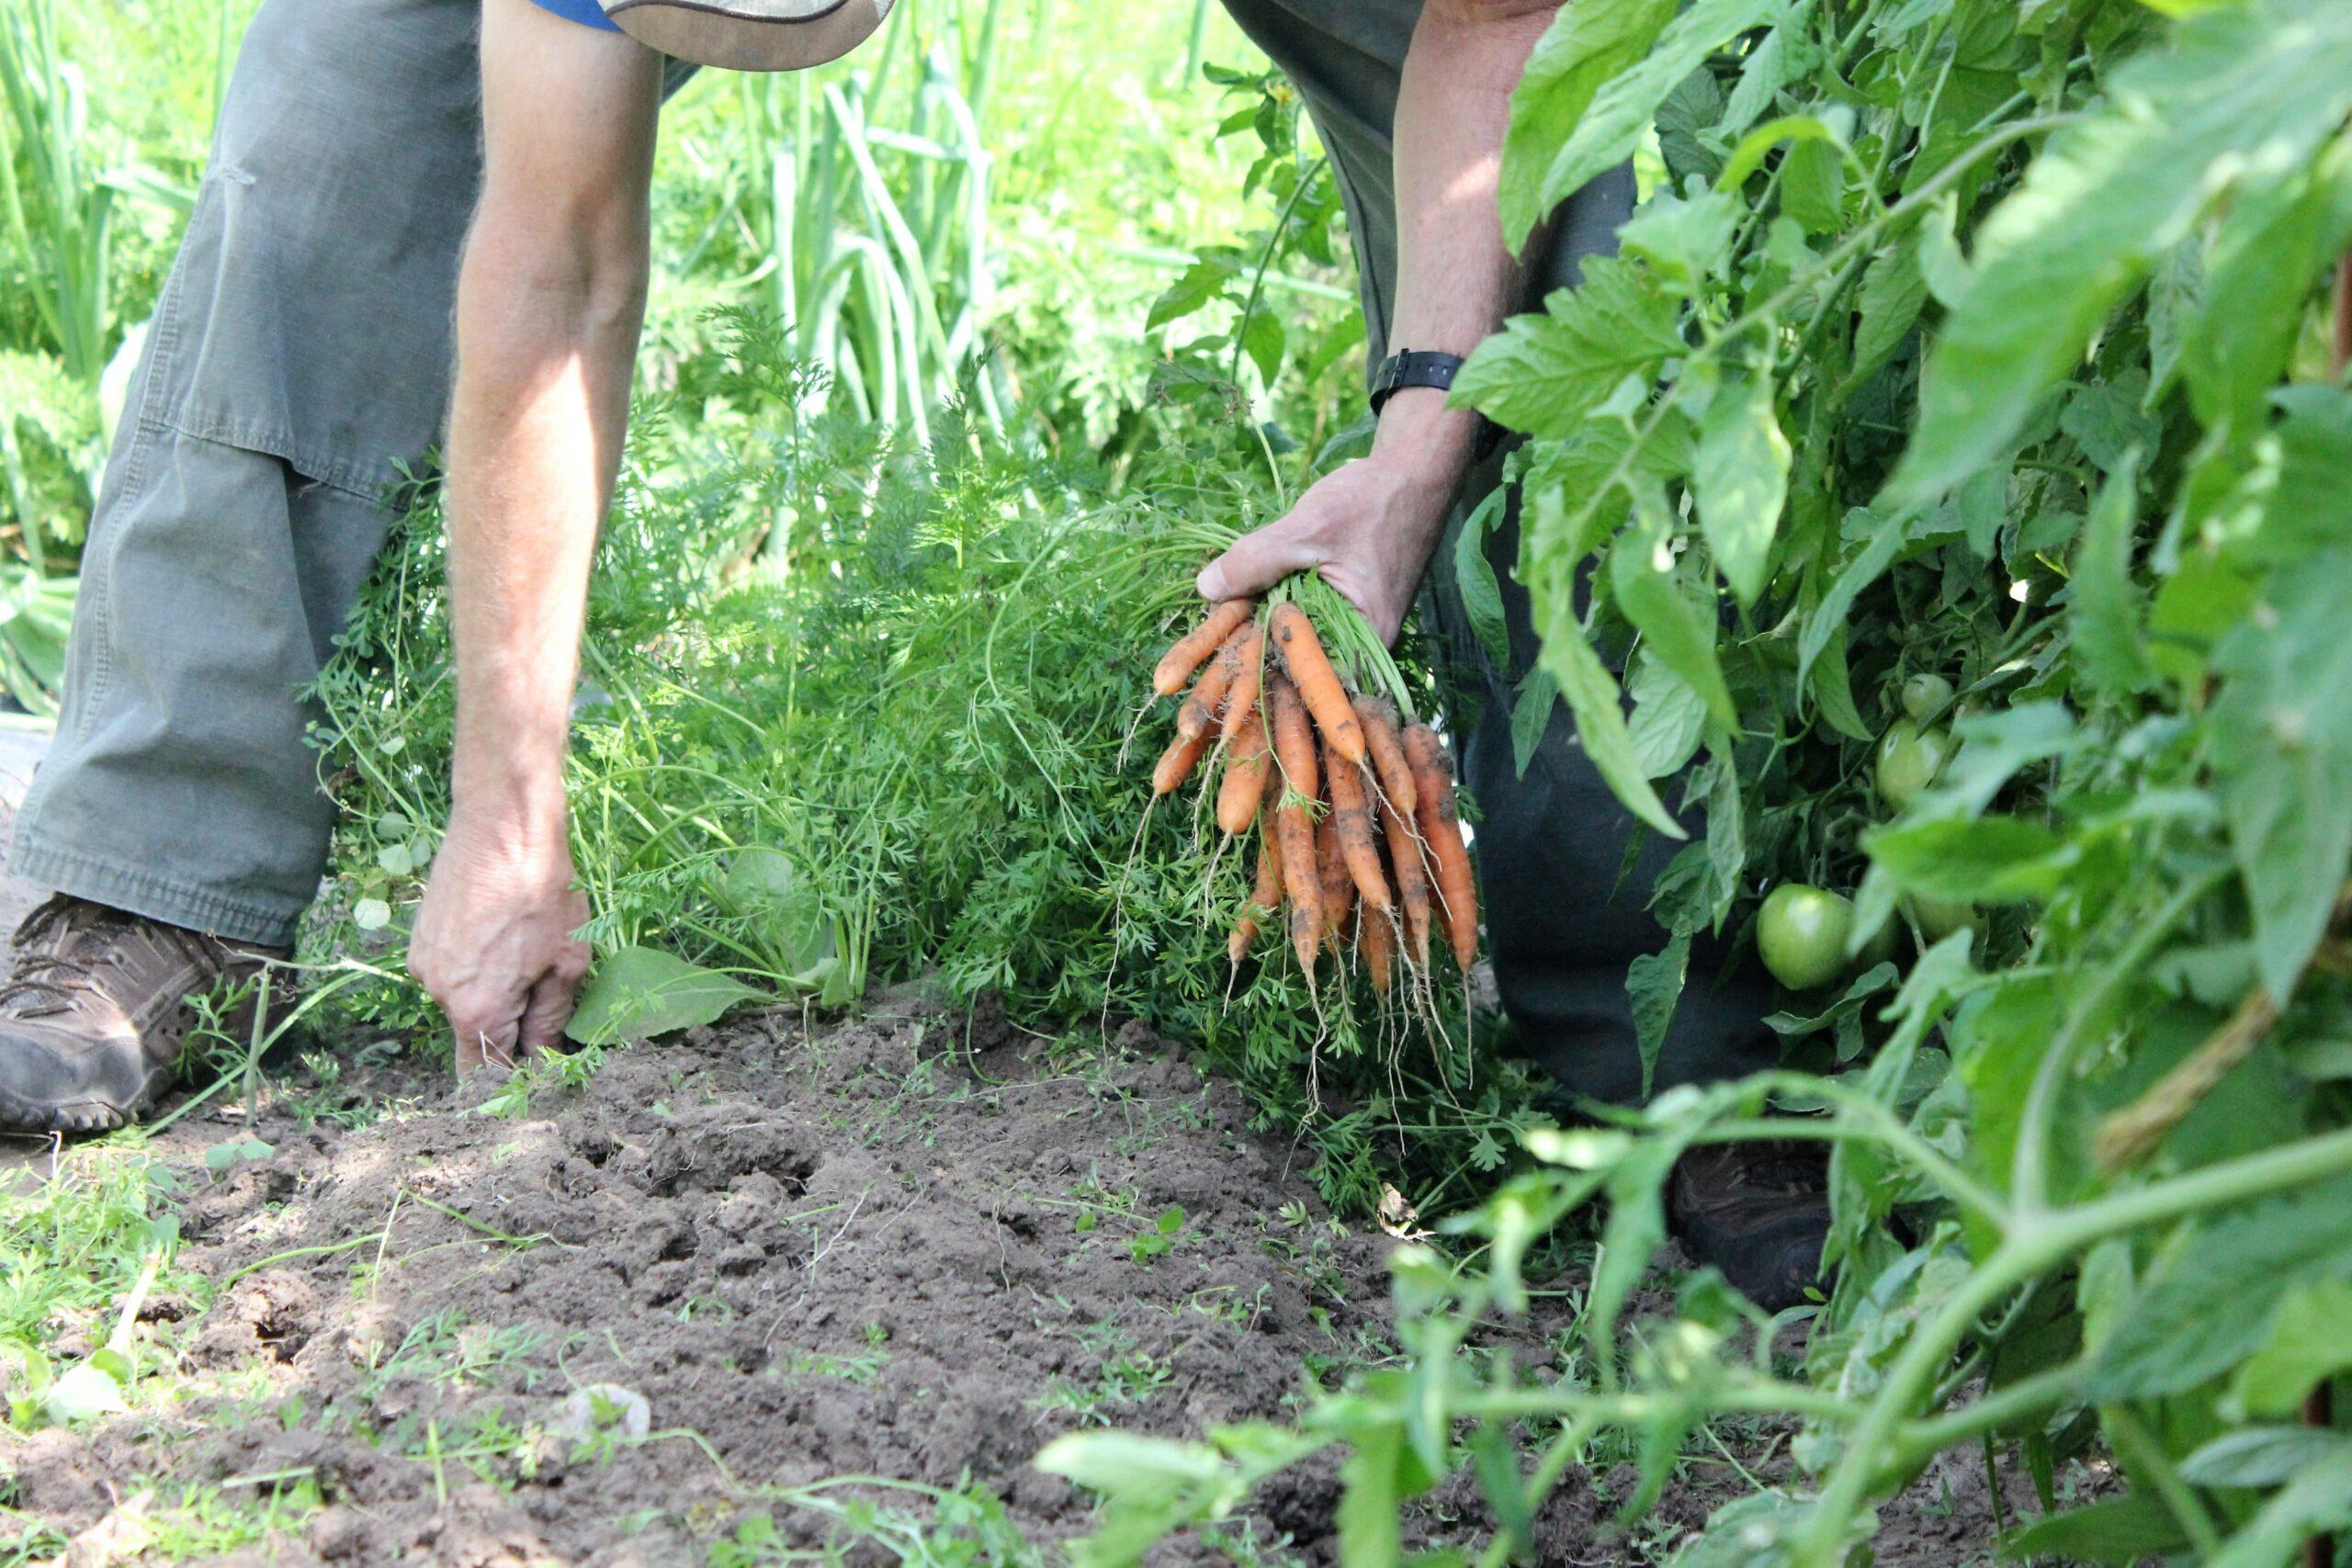 Harvesting carrots - Rebel Retirement